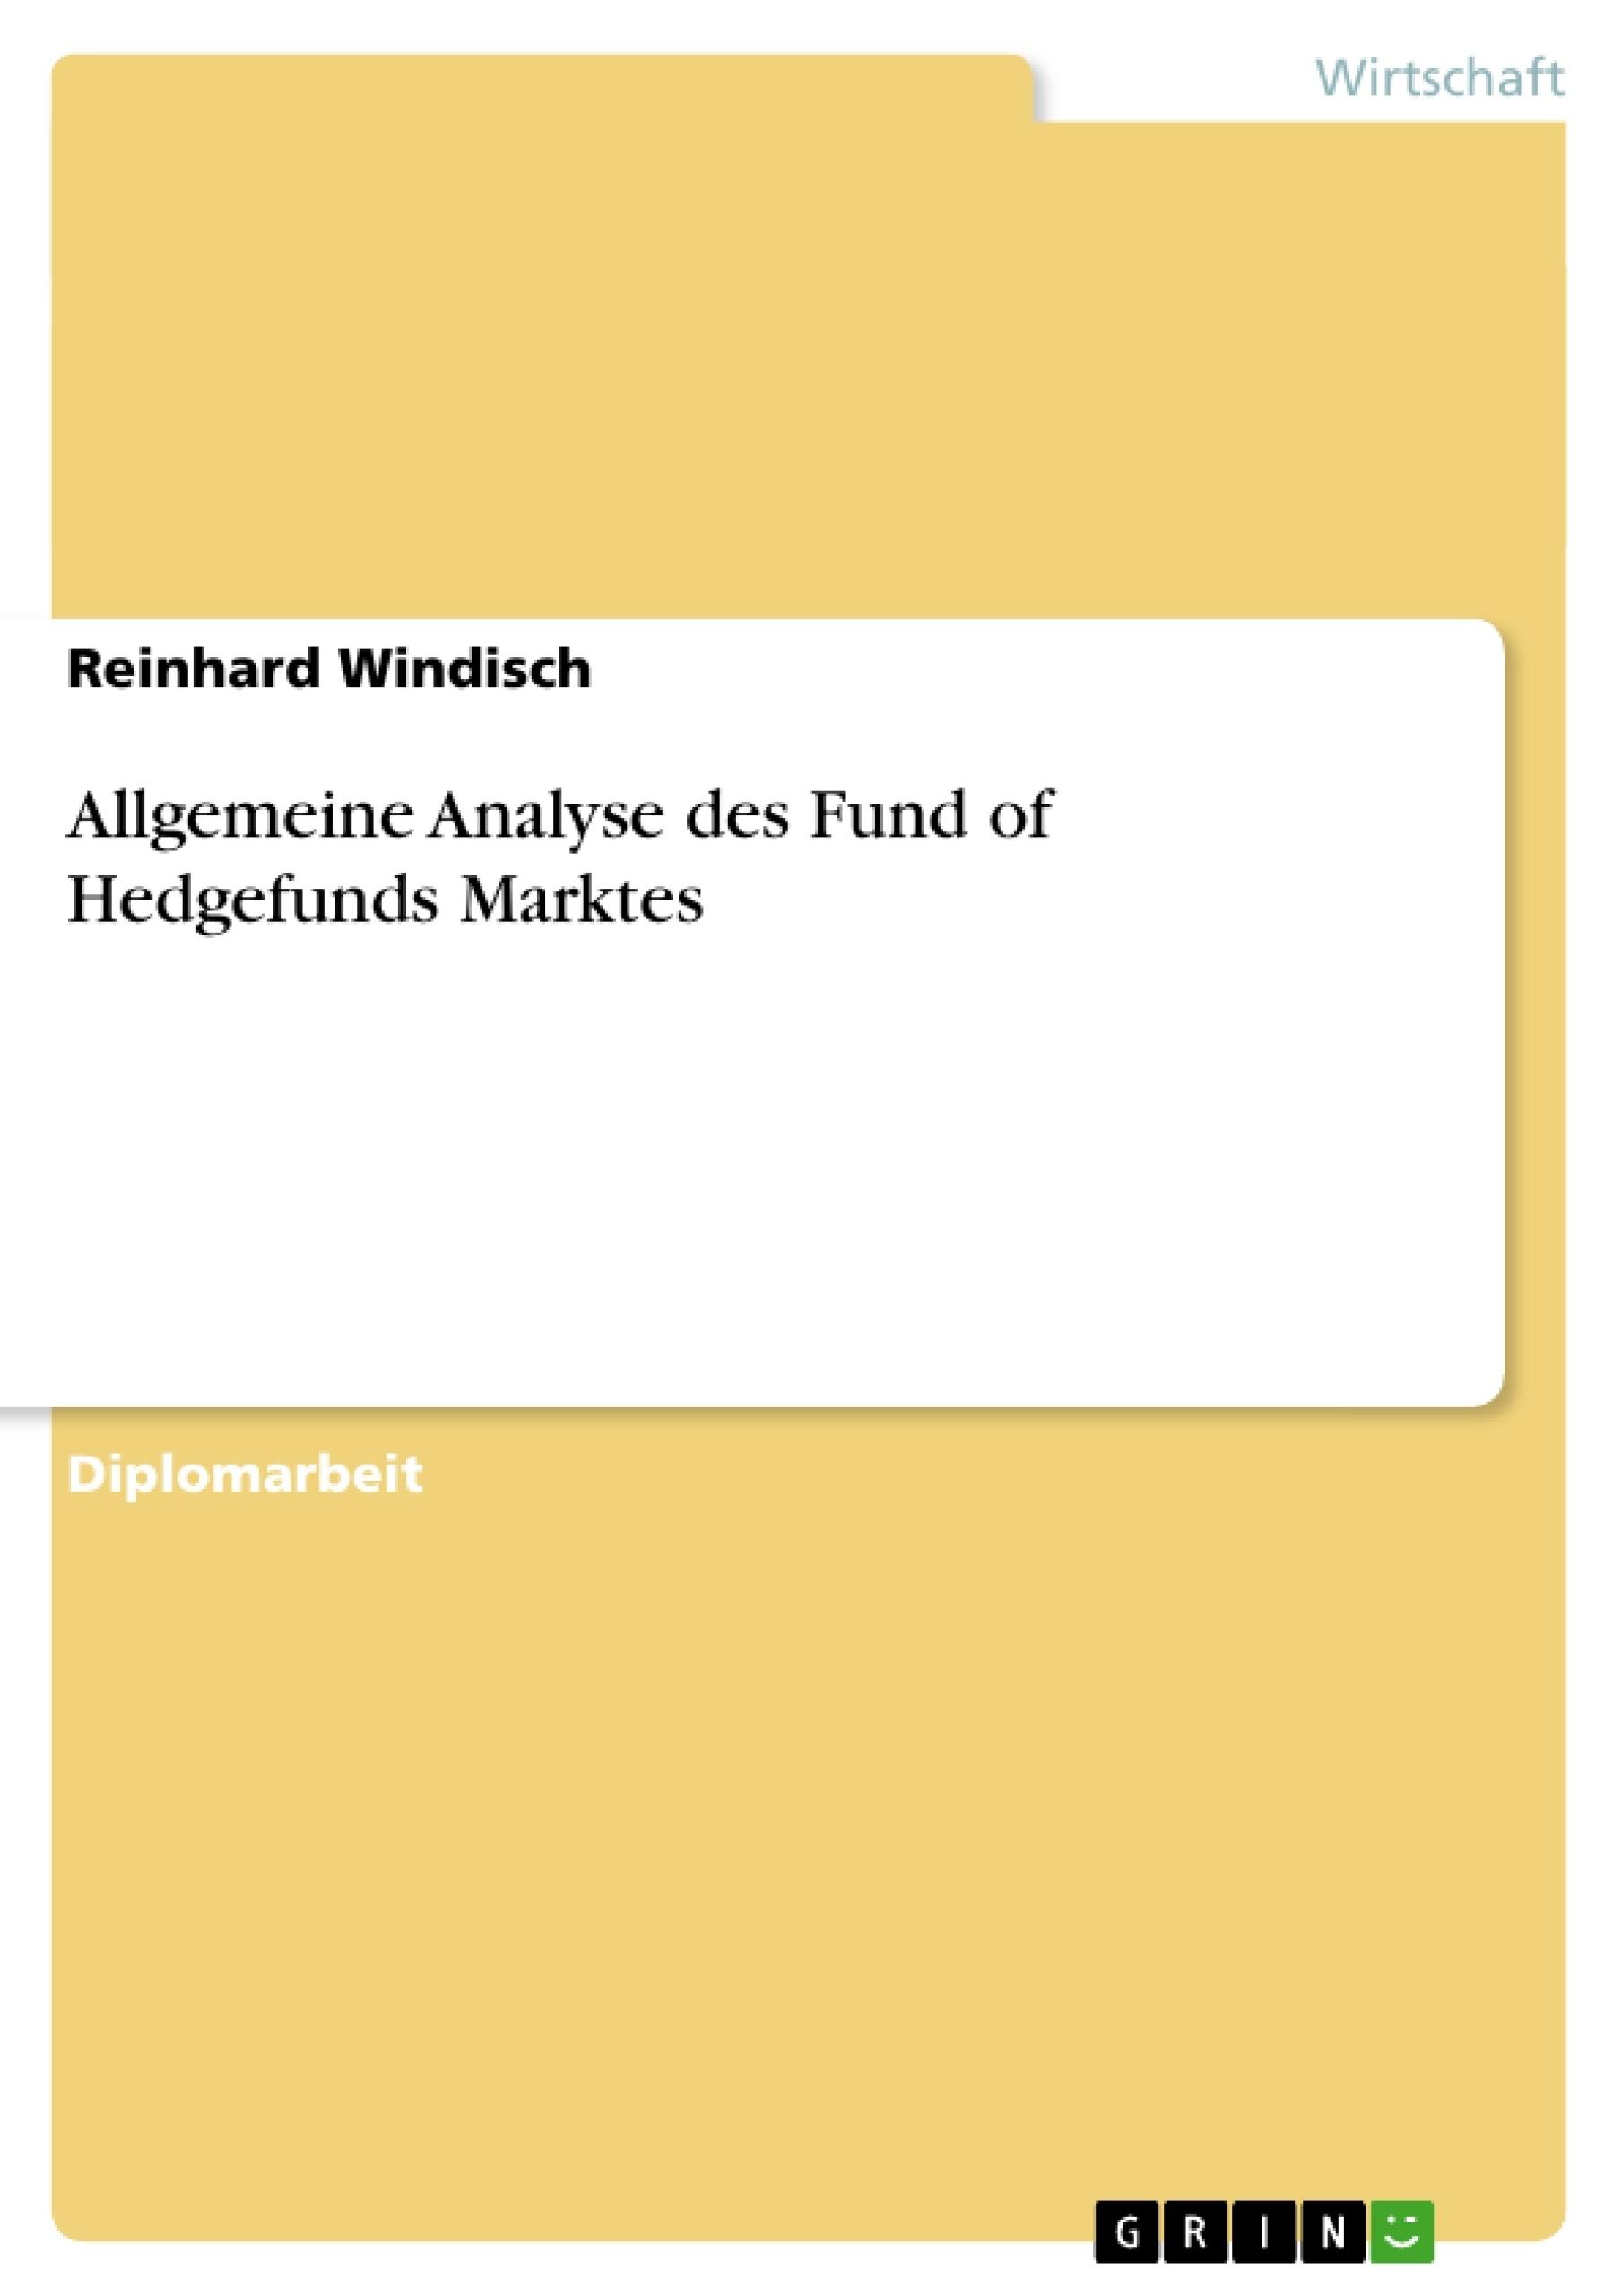 Titel: Allgemeine Analyse des Fund of Hedgefunds Marktes